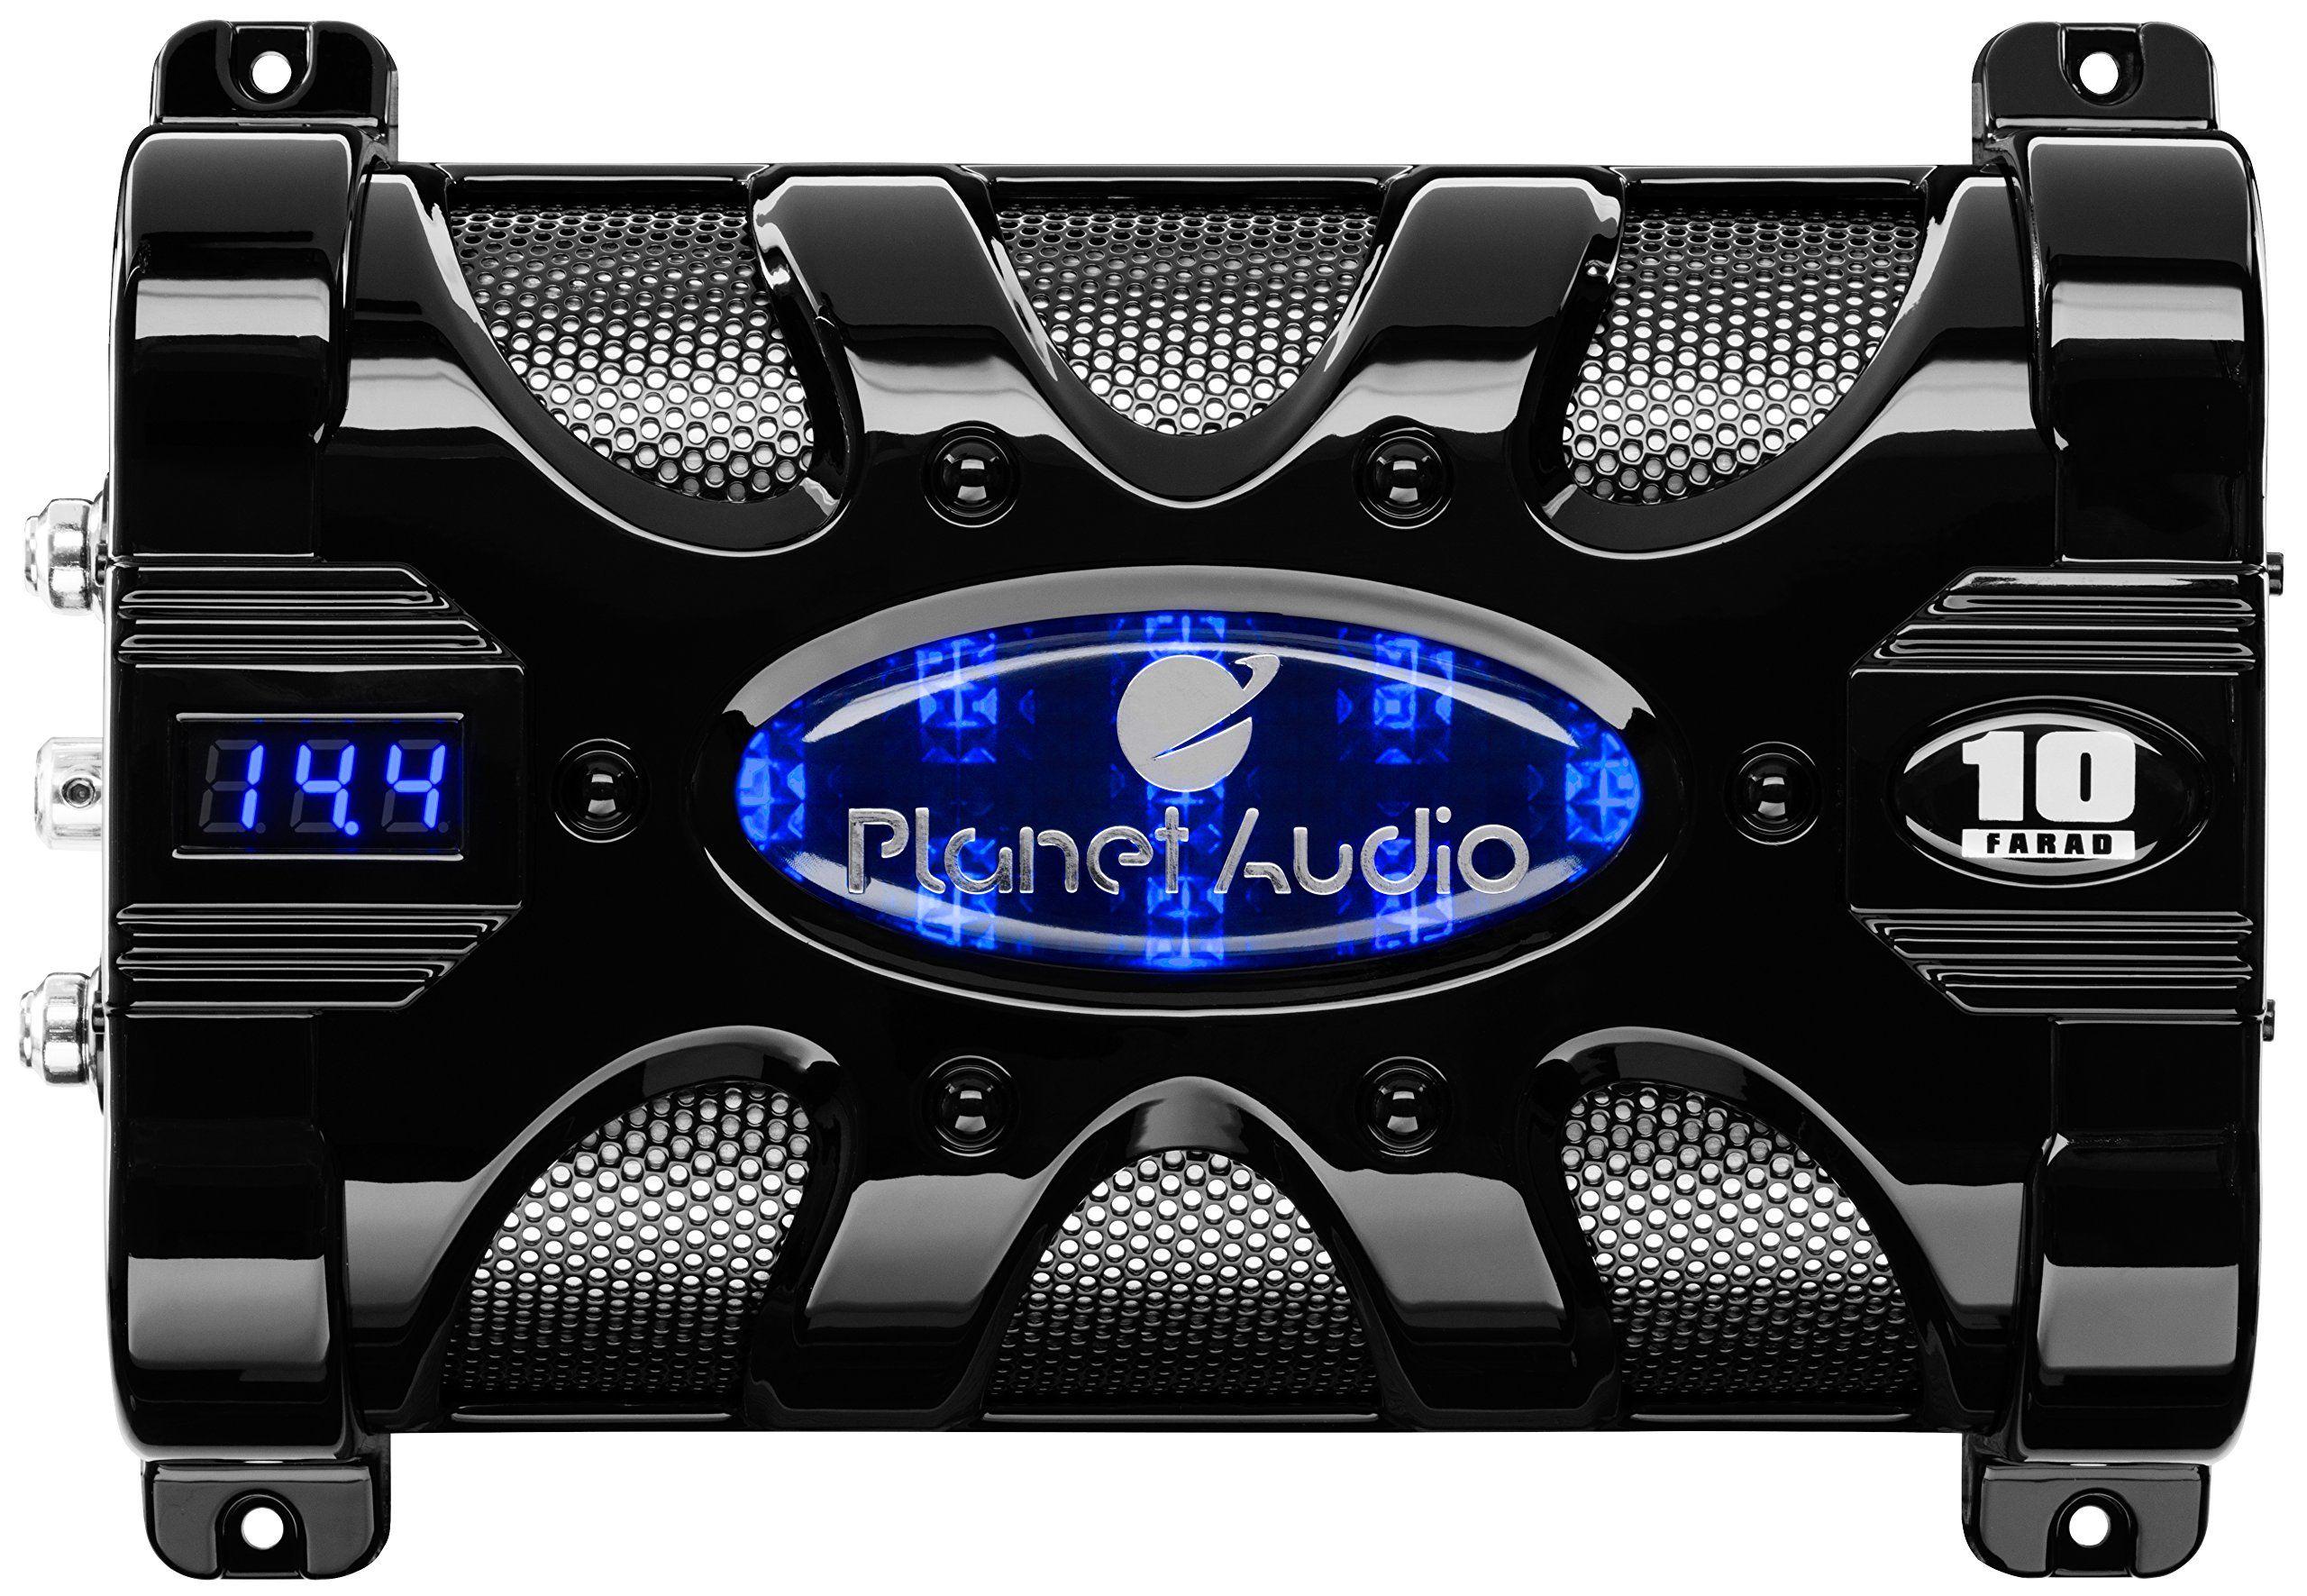 Planet Audio Pc20f 20 Farad Capacitor Car Audio Capacitor Audio System Car Audio Systems